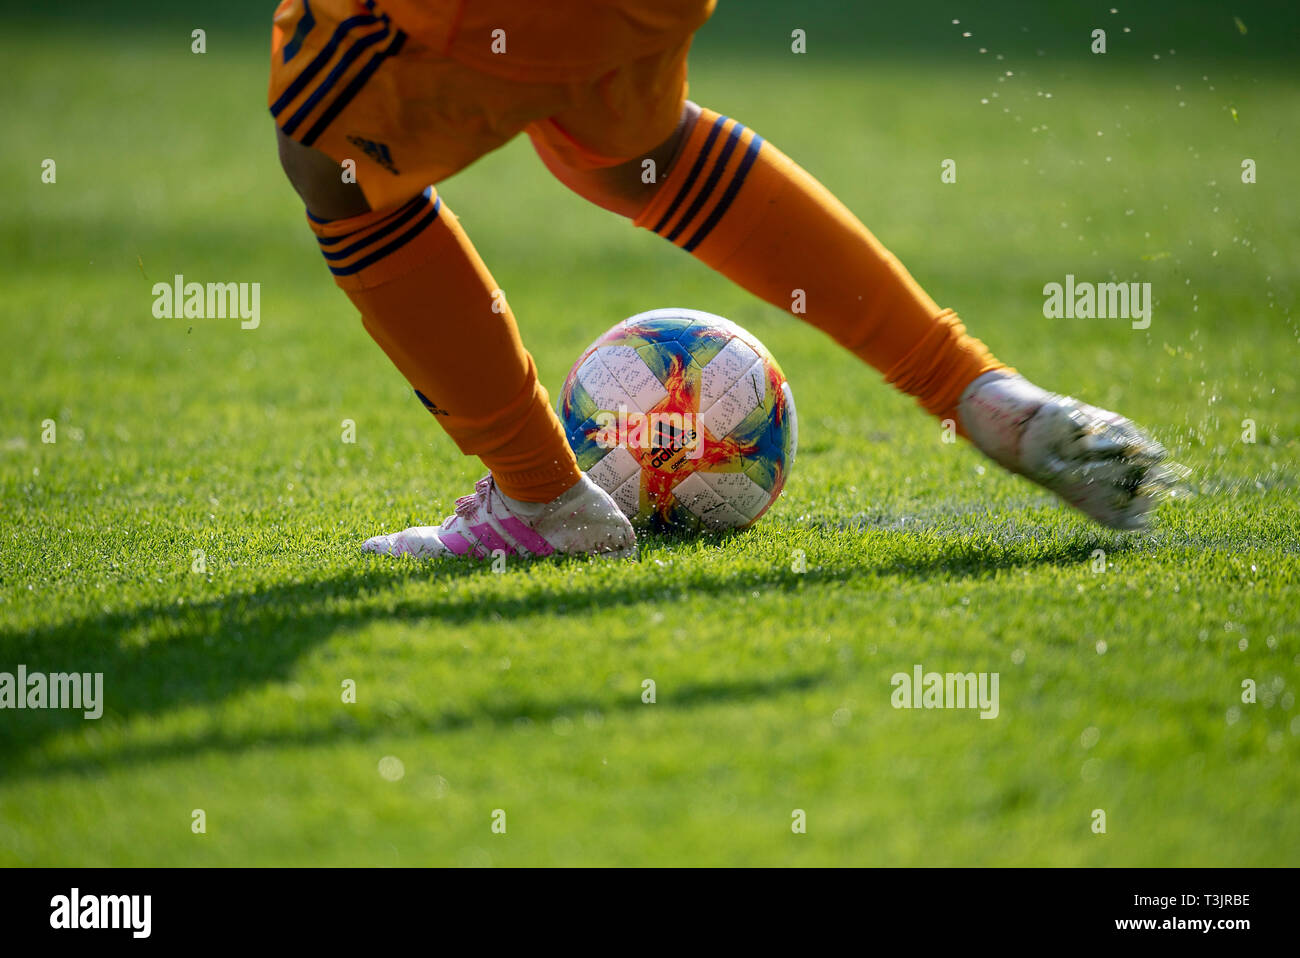 Adidas Football Boots Stockfotos & Adidas Football Boots